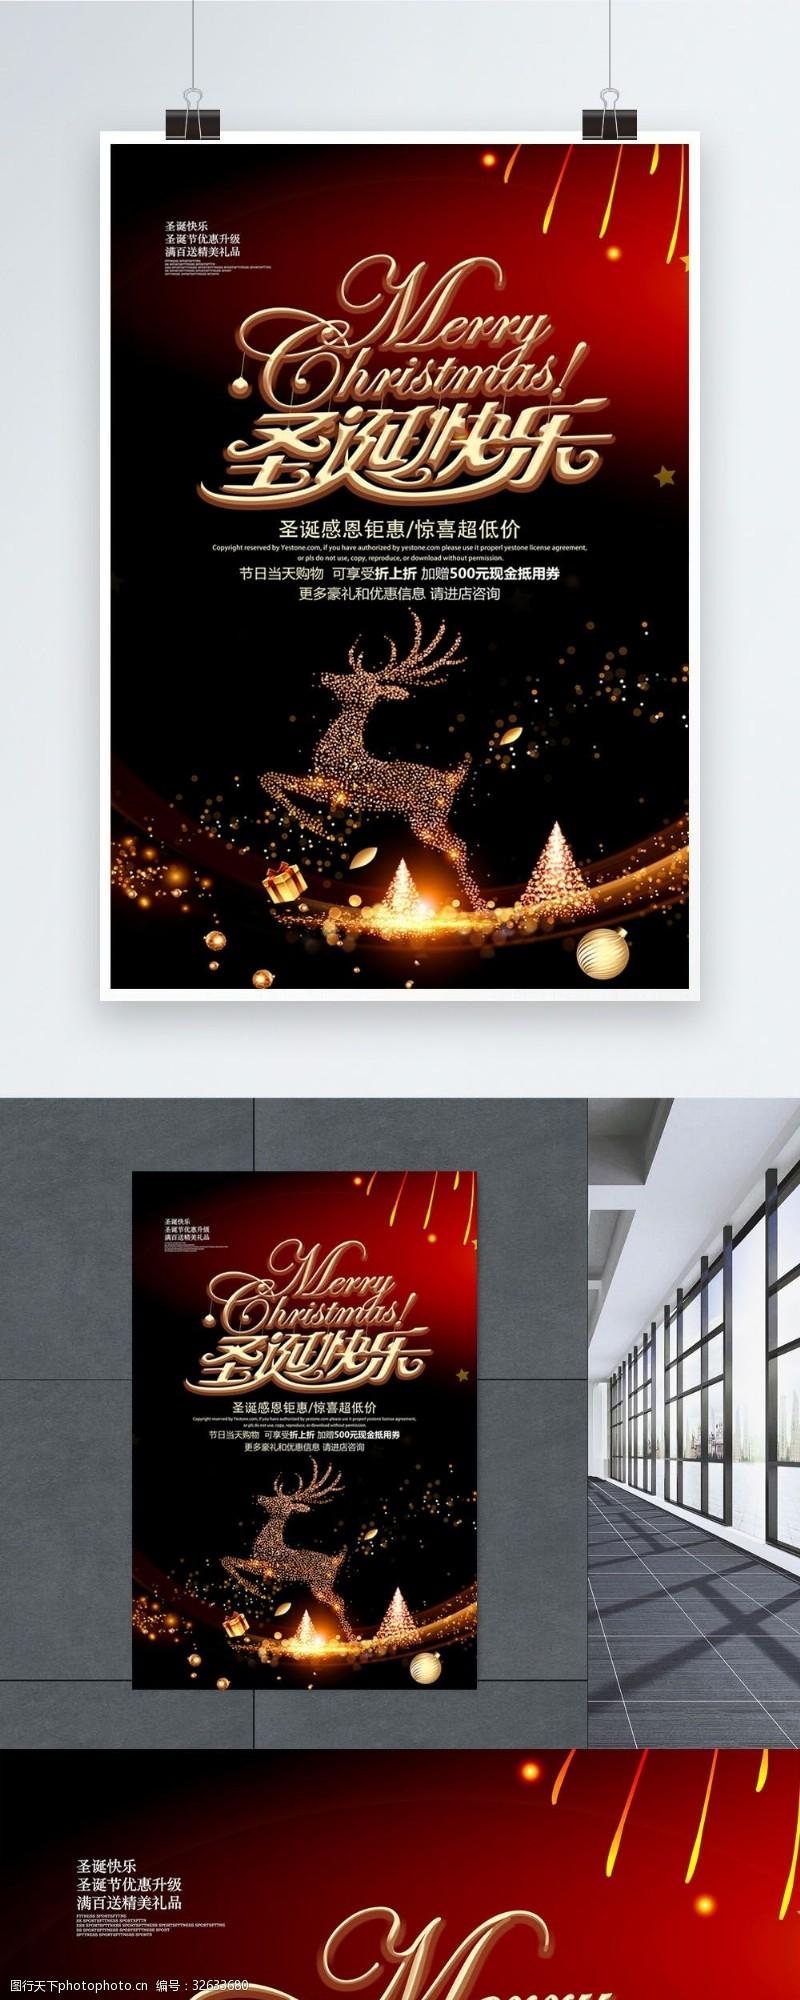 节日海报圣诞节黑金创意圣诞麋鹿圣诞节快乐节日海报